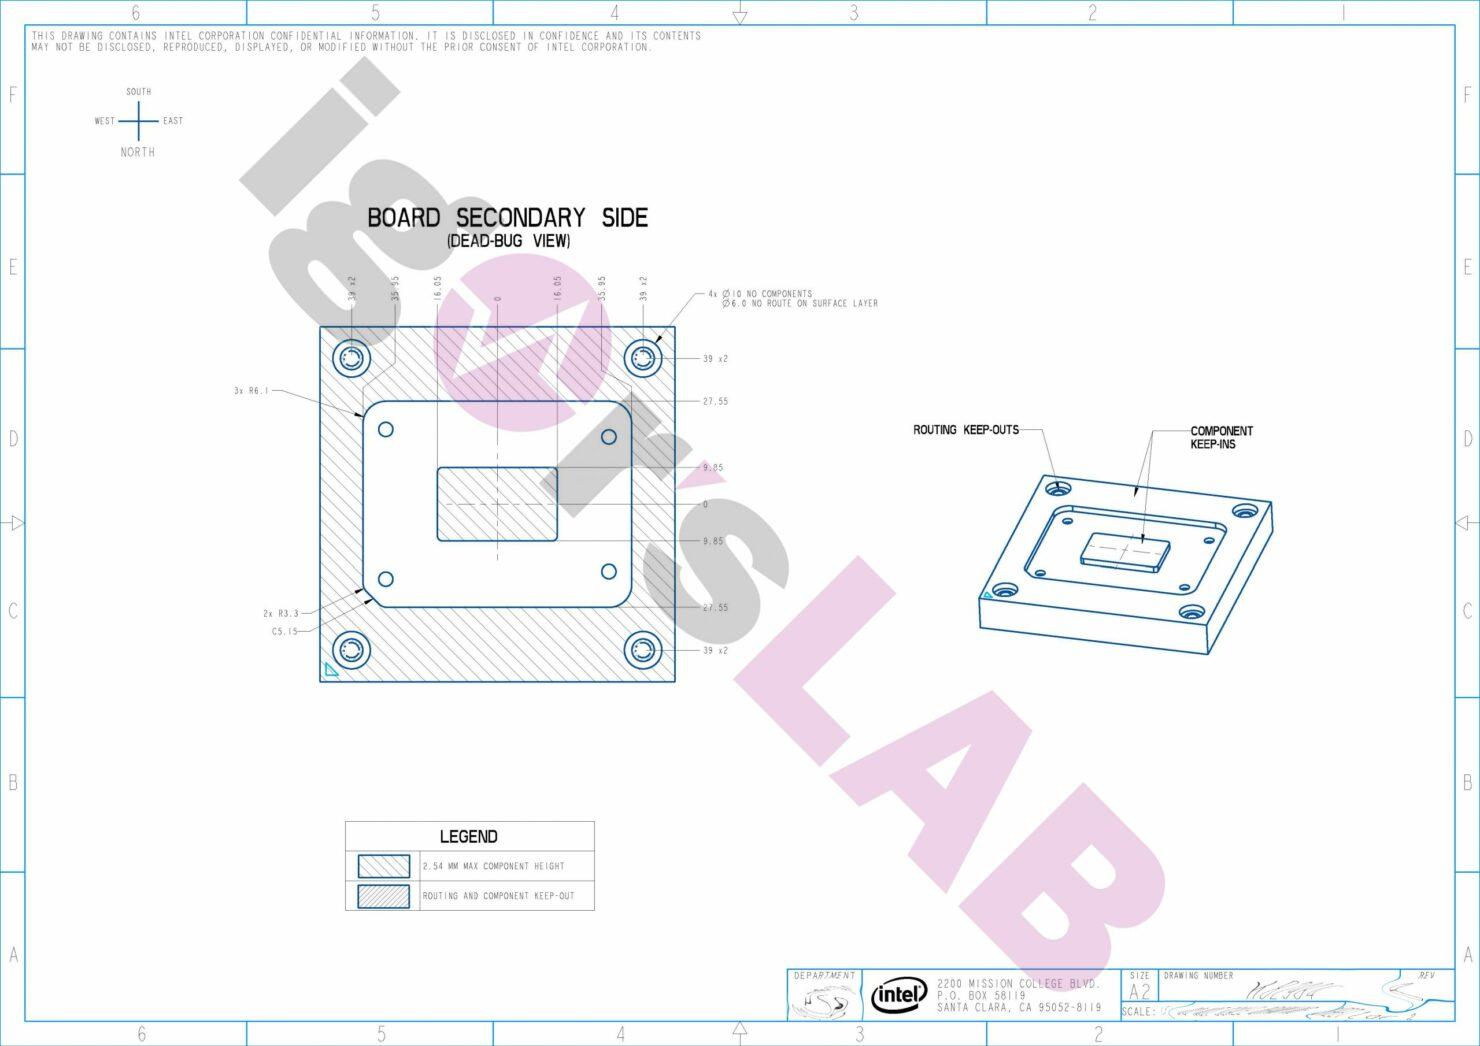 intel-lga-1700-lga-1800-desktop-cpu-socket-leak-alder-lake-_5